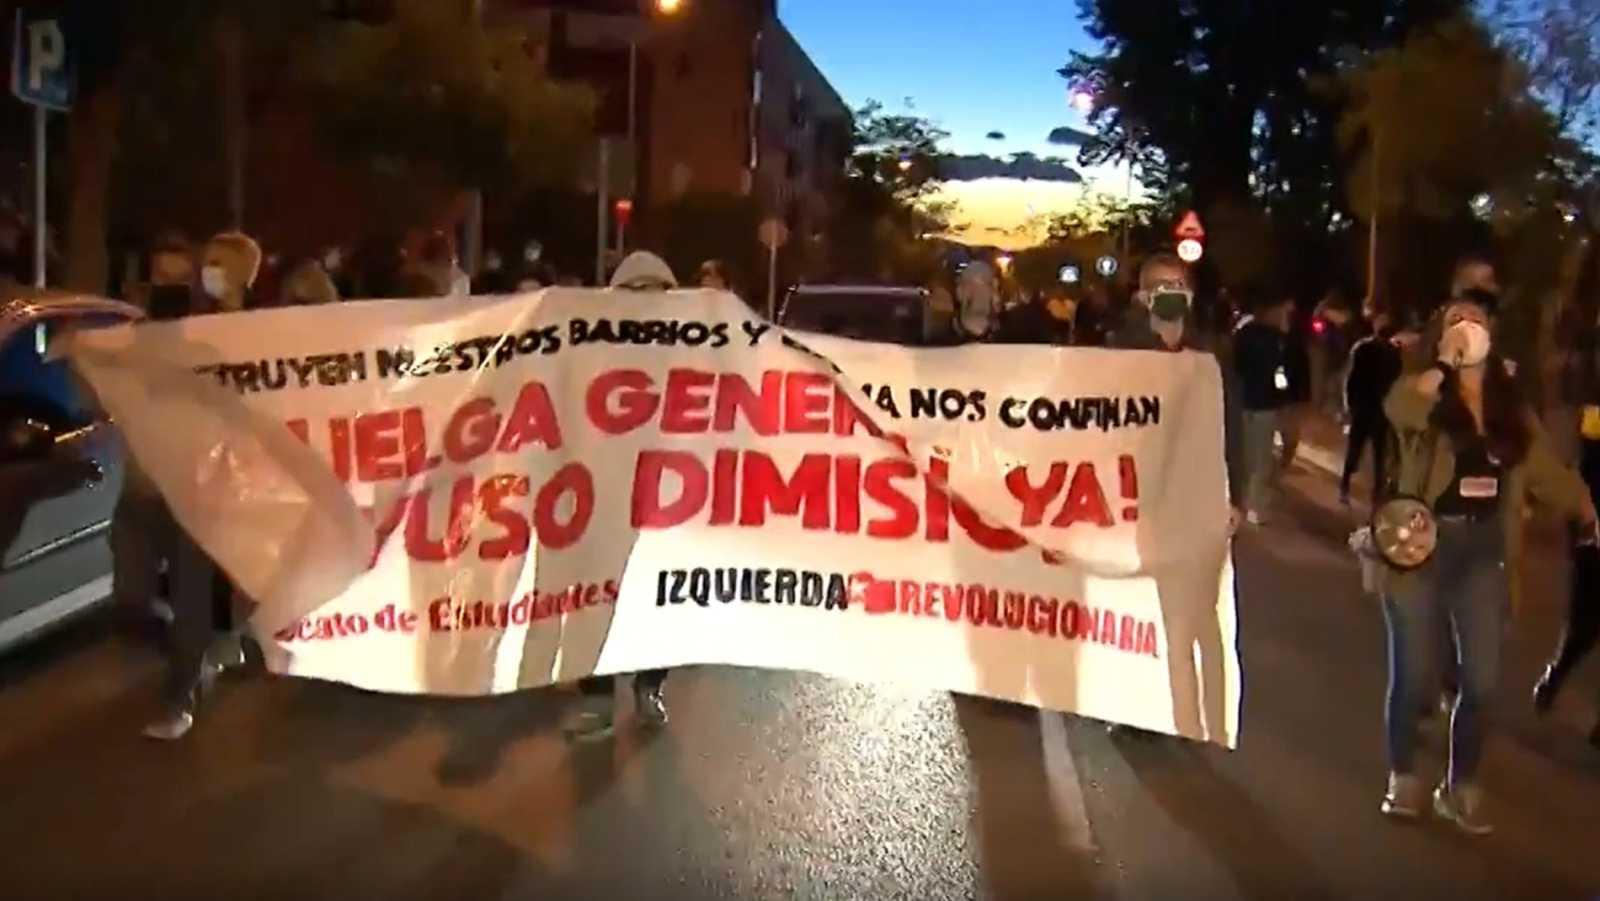 Manifestación en Vallecas para protestar por las cargas policiales y contra las restricciones en el sur de Madrid